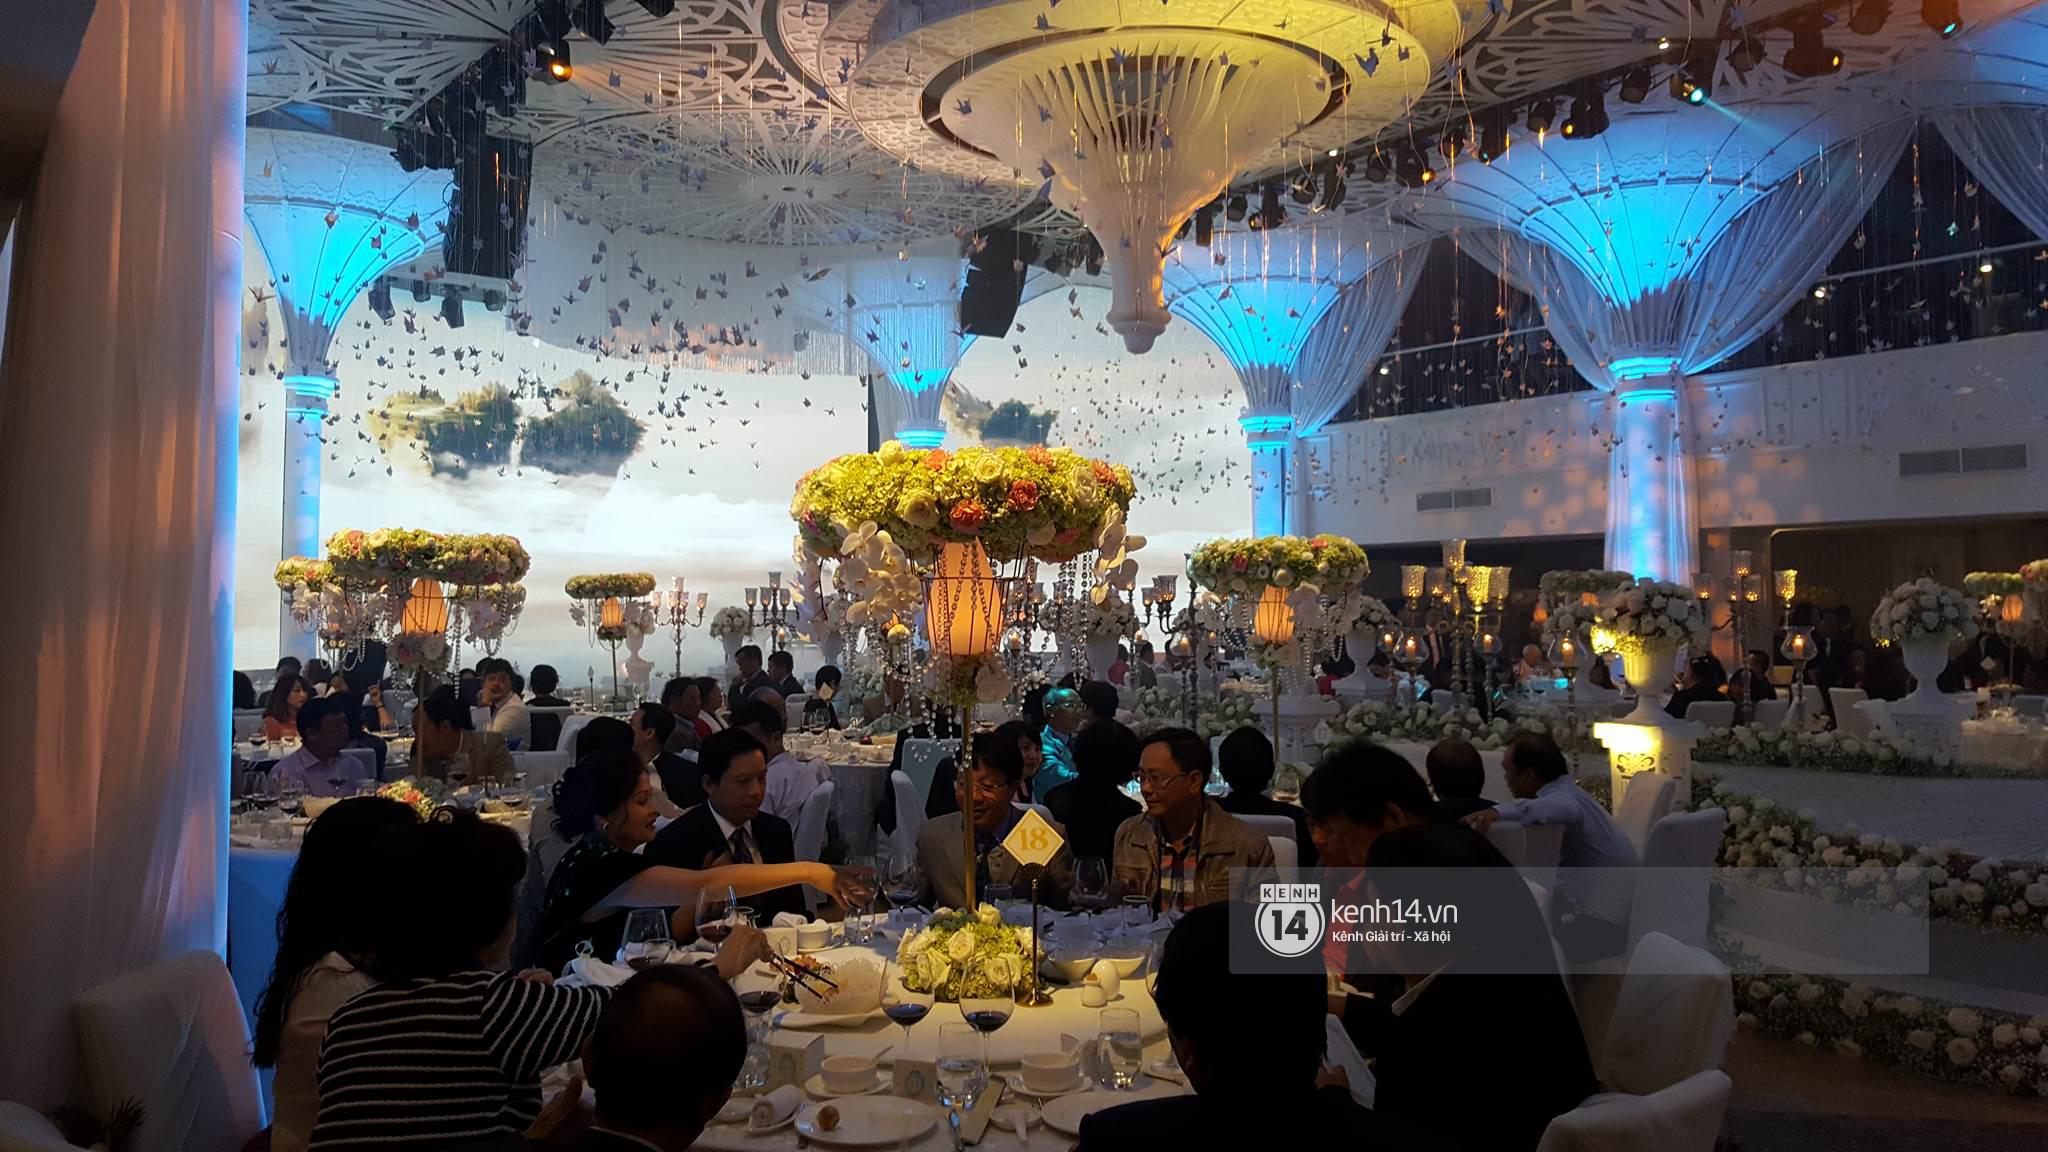 Đám cưới MC Mai Ngọc: Không gian lộng lẫy, cầu kỳ, xứng đáng là đám cưới sang chảnh nhất Hà Nội hôm nay - Ảnh 11.